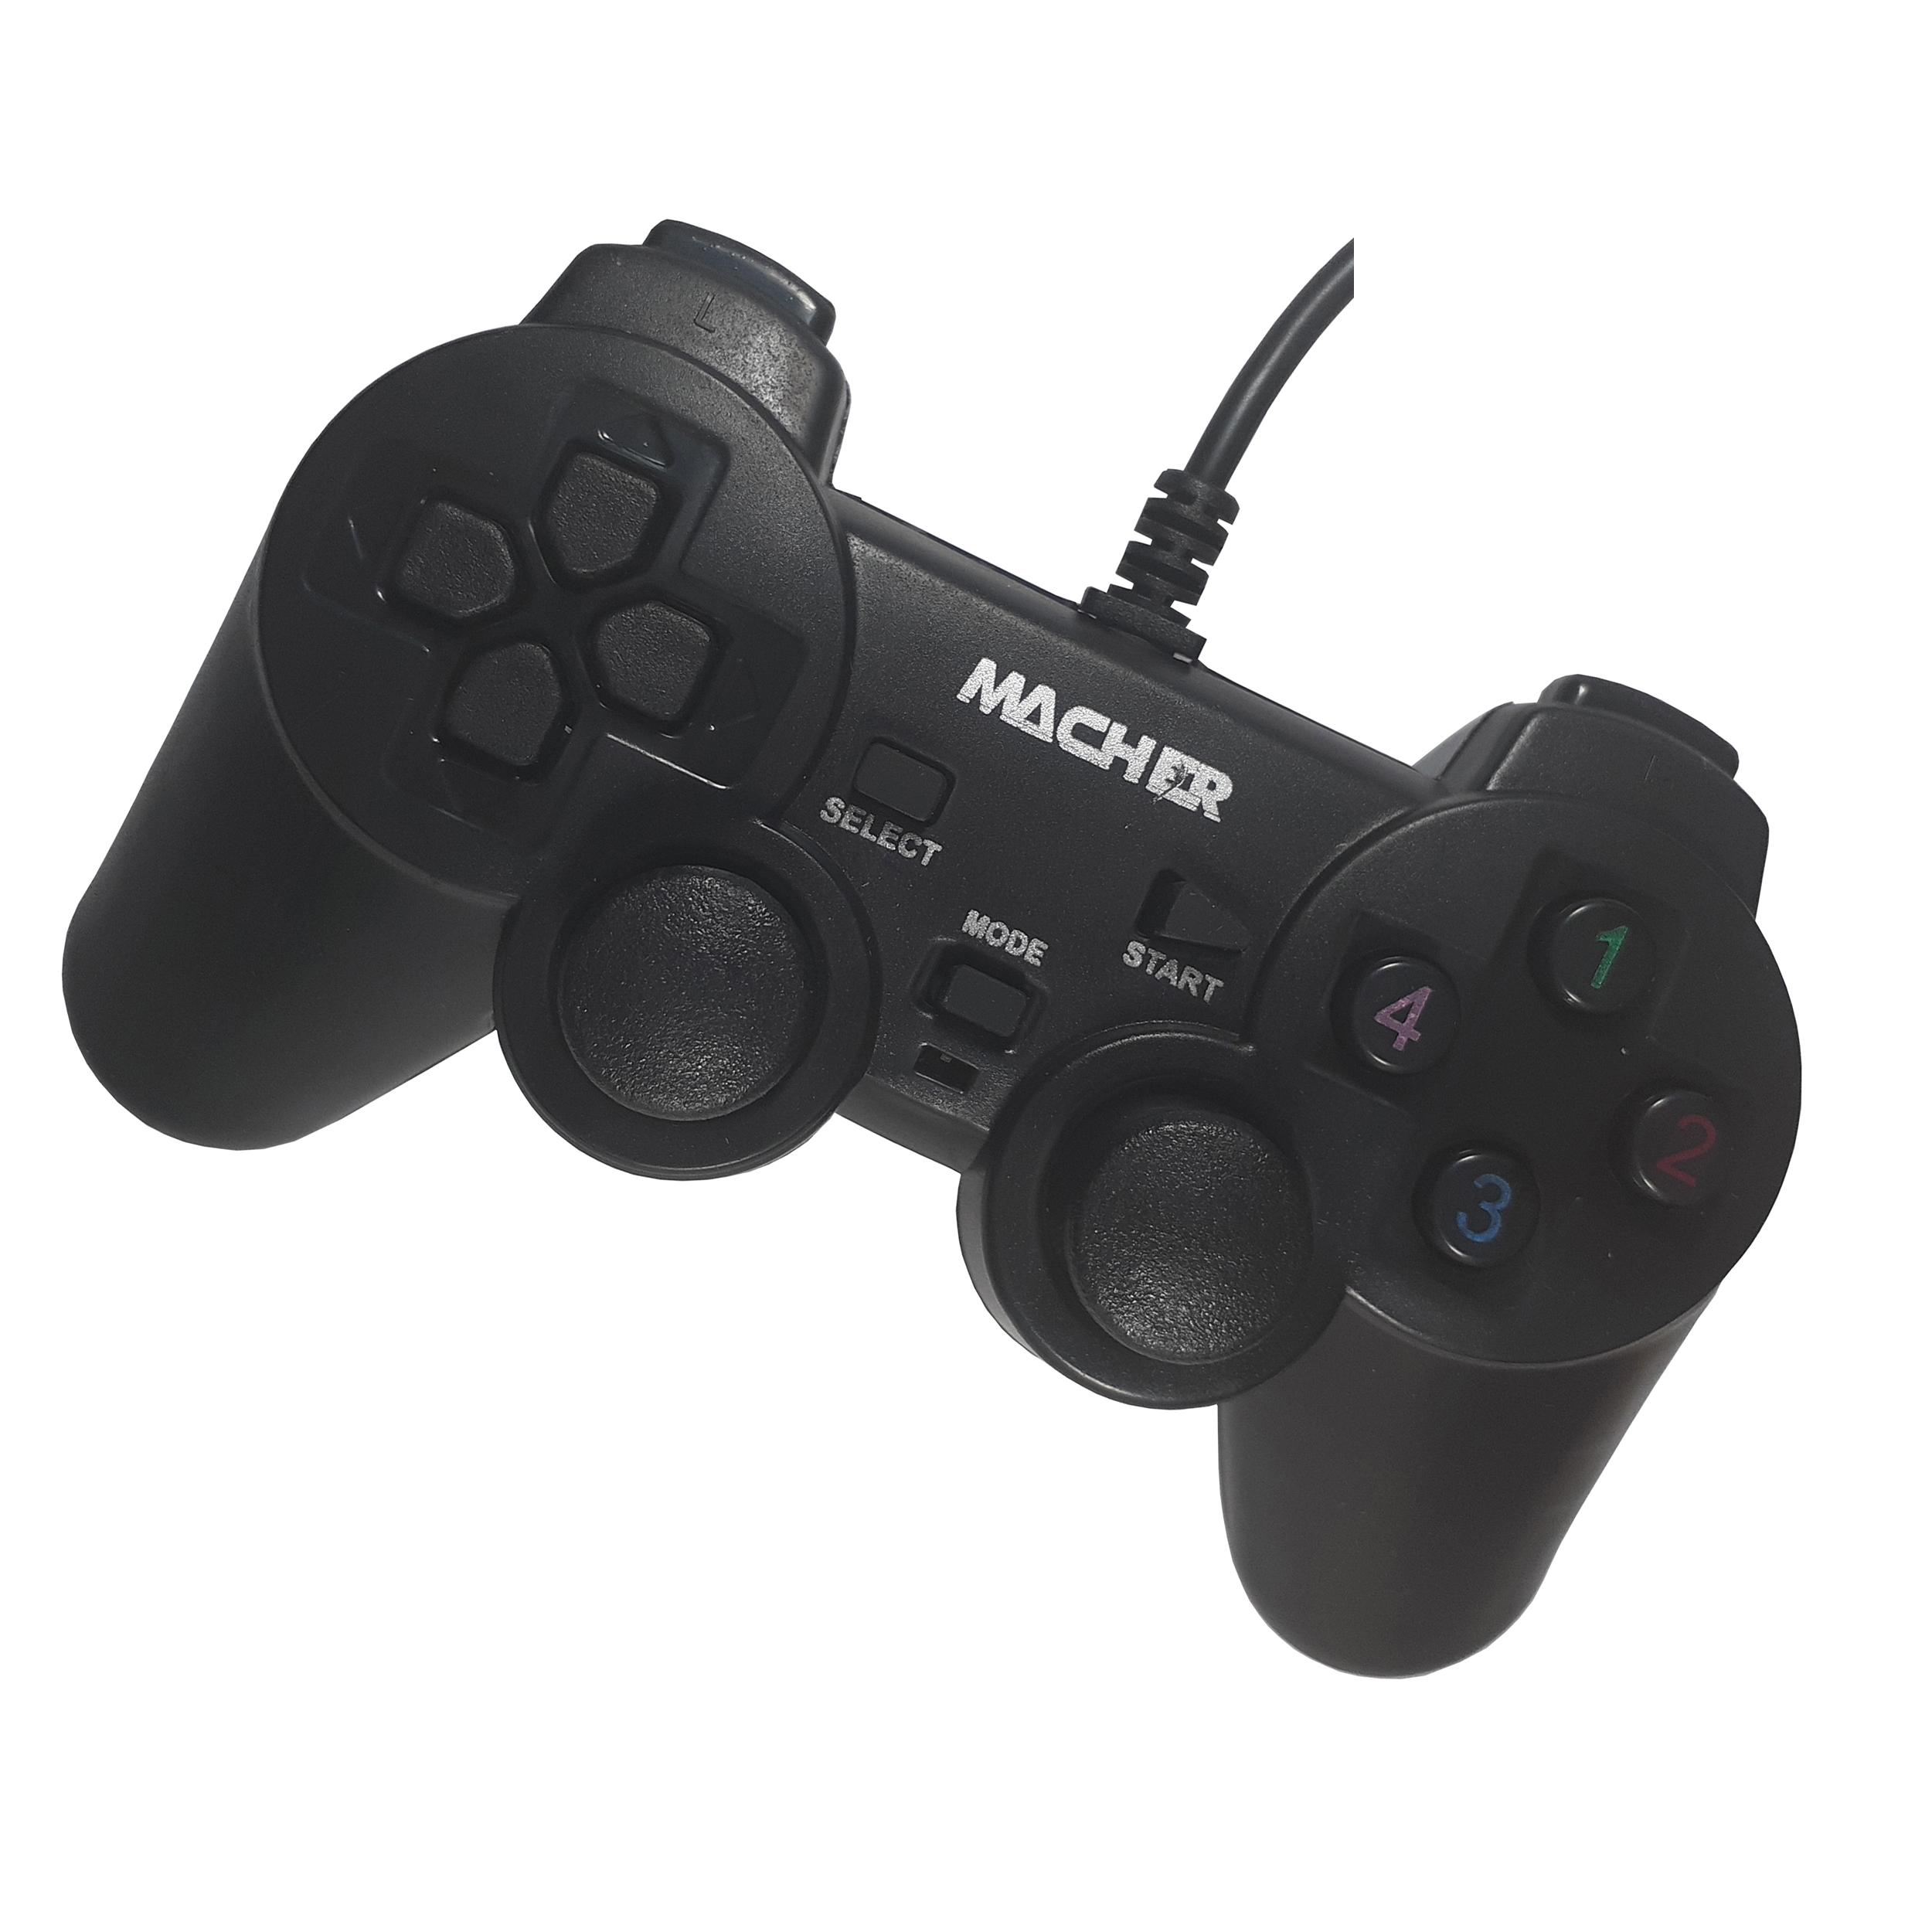 دسته بازی ماچر مدل MR-57